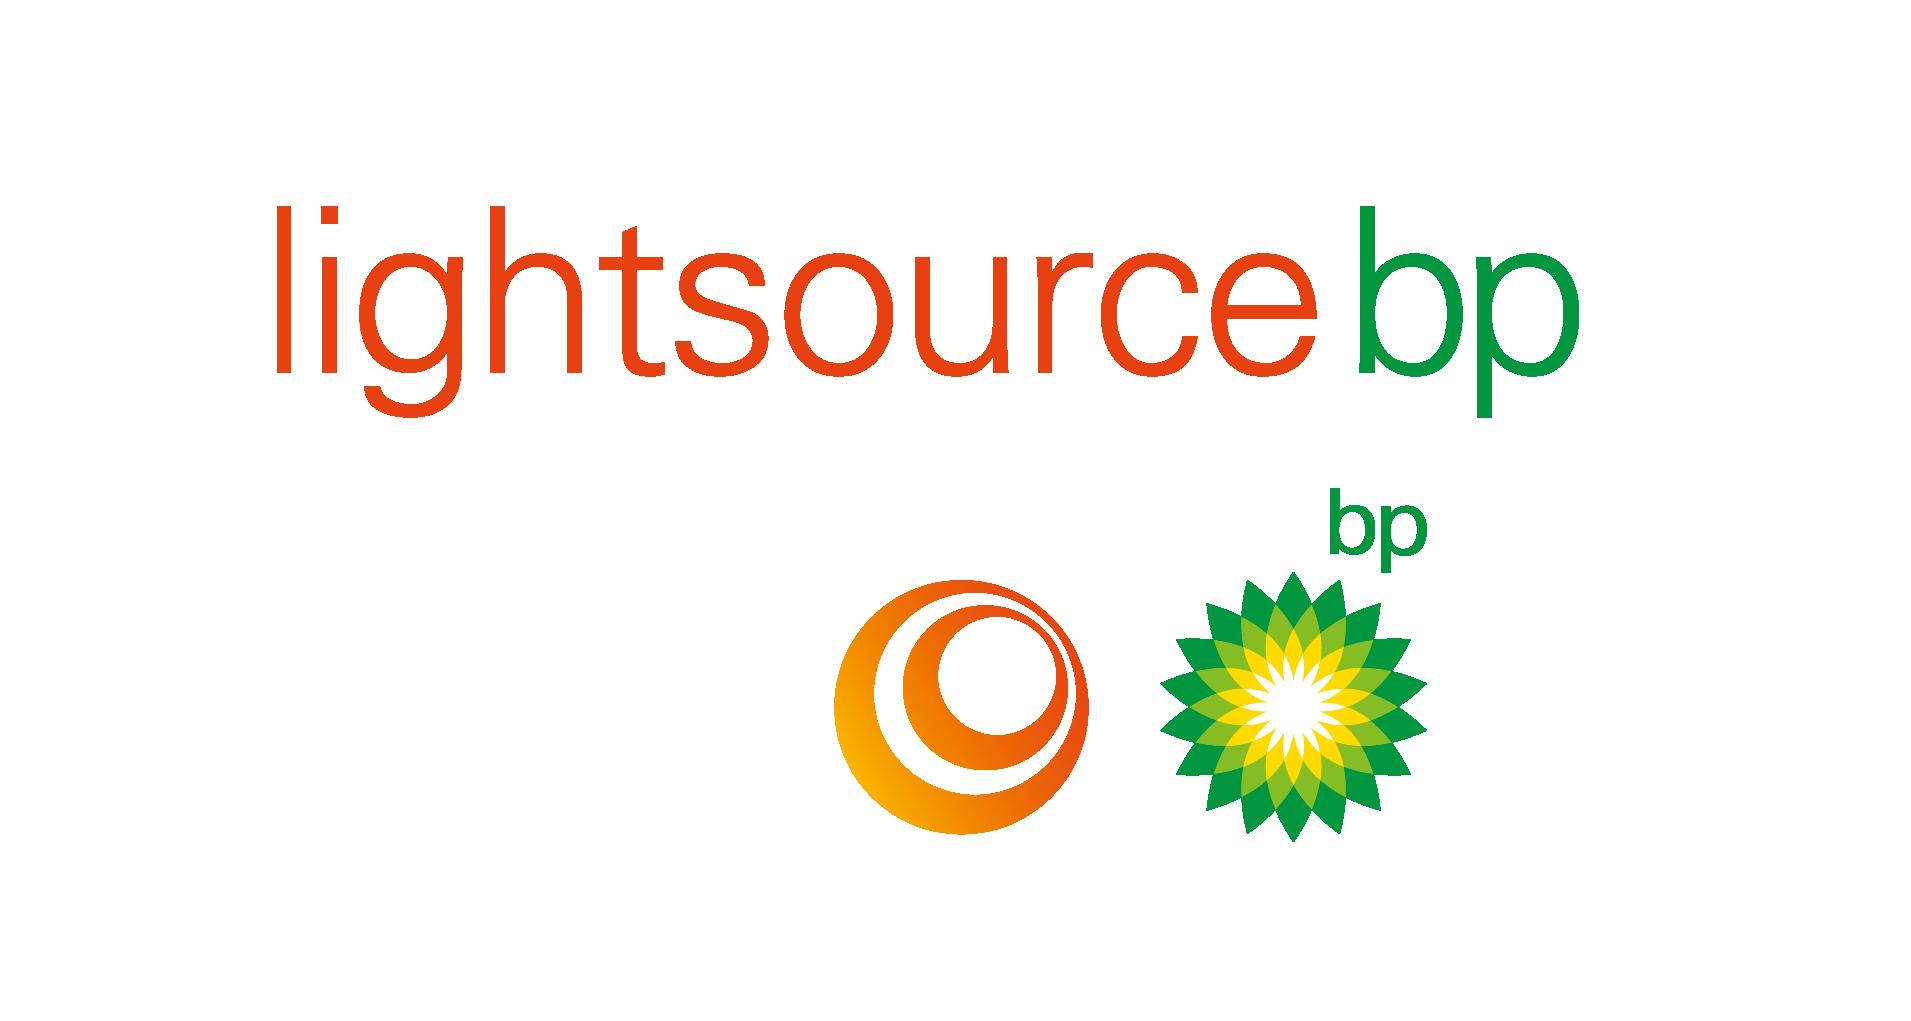 lightsourcebp logo